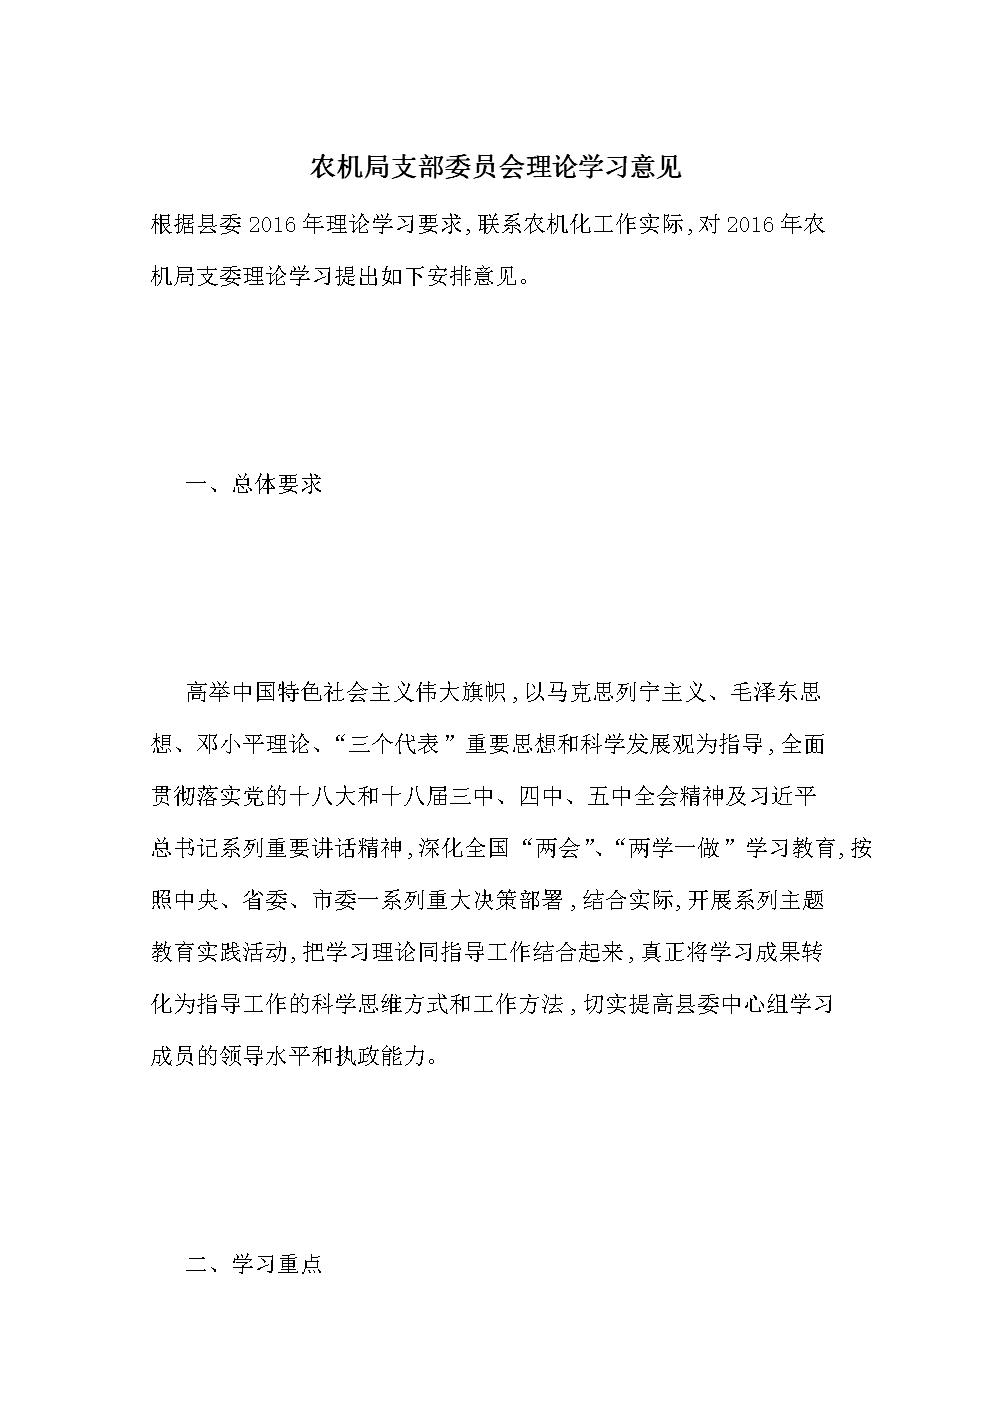 农机局支部委员会理论学习意见-汇总.doc